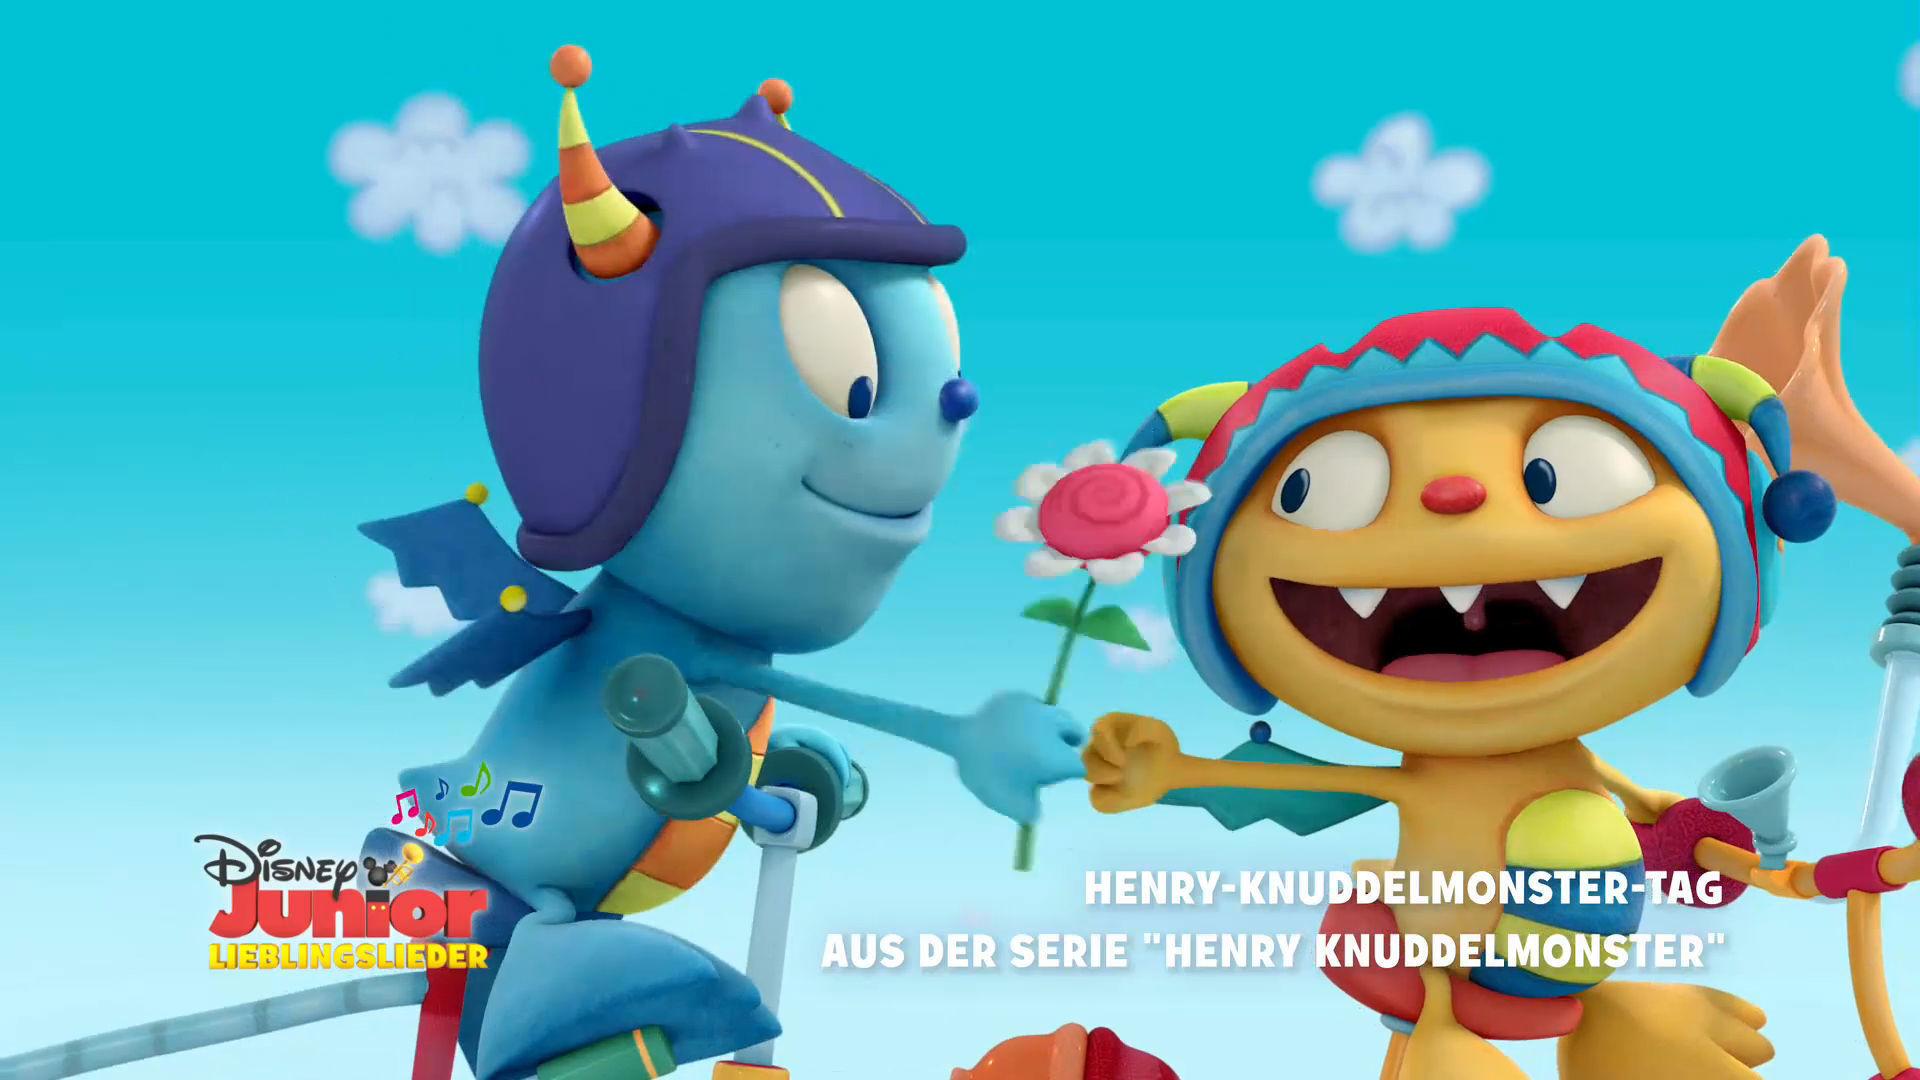 Henry-Knuddelmonster-Tag